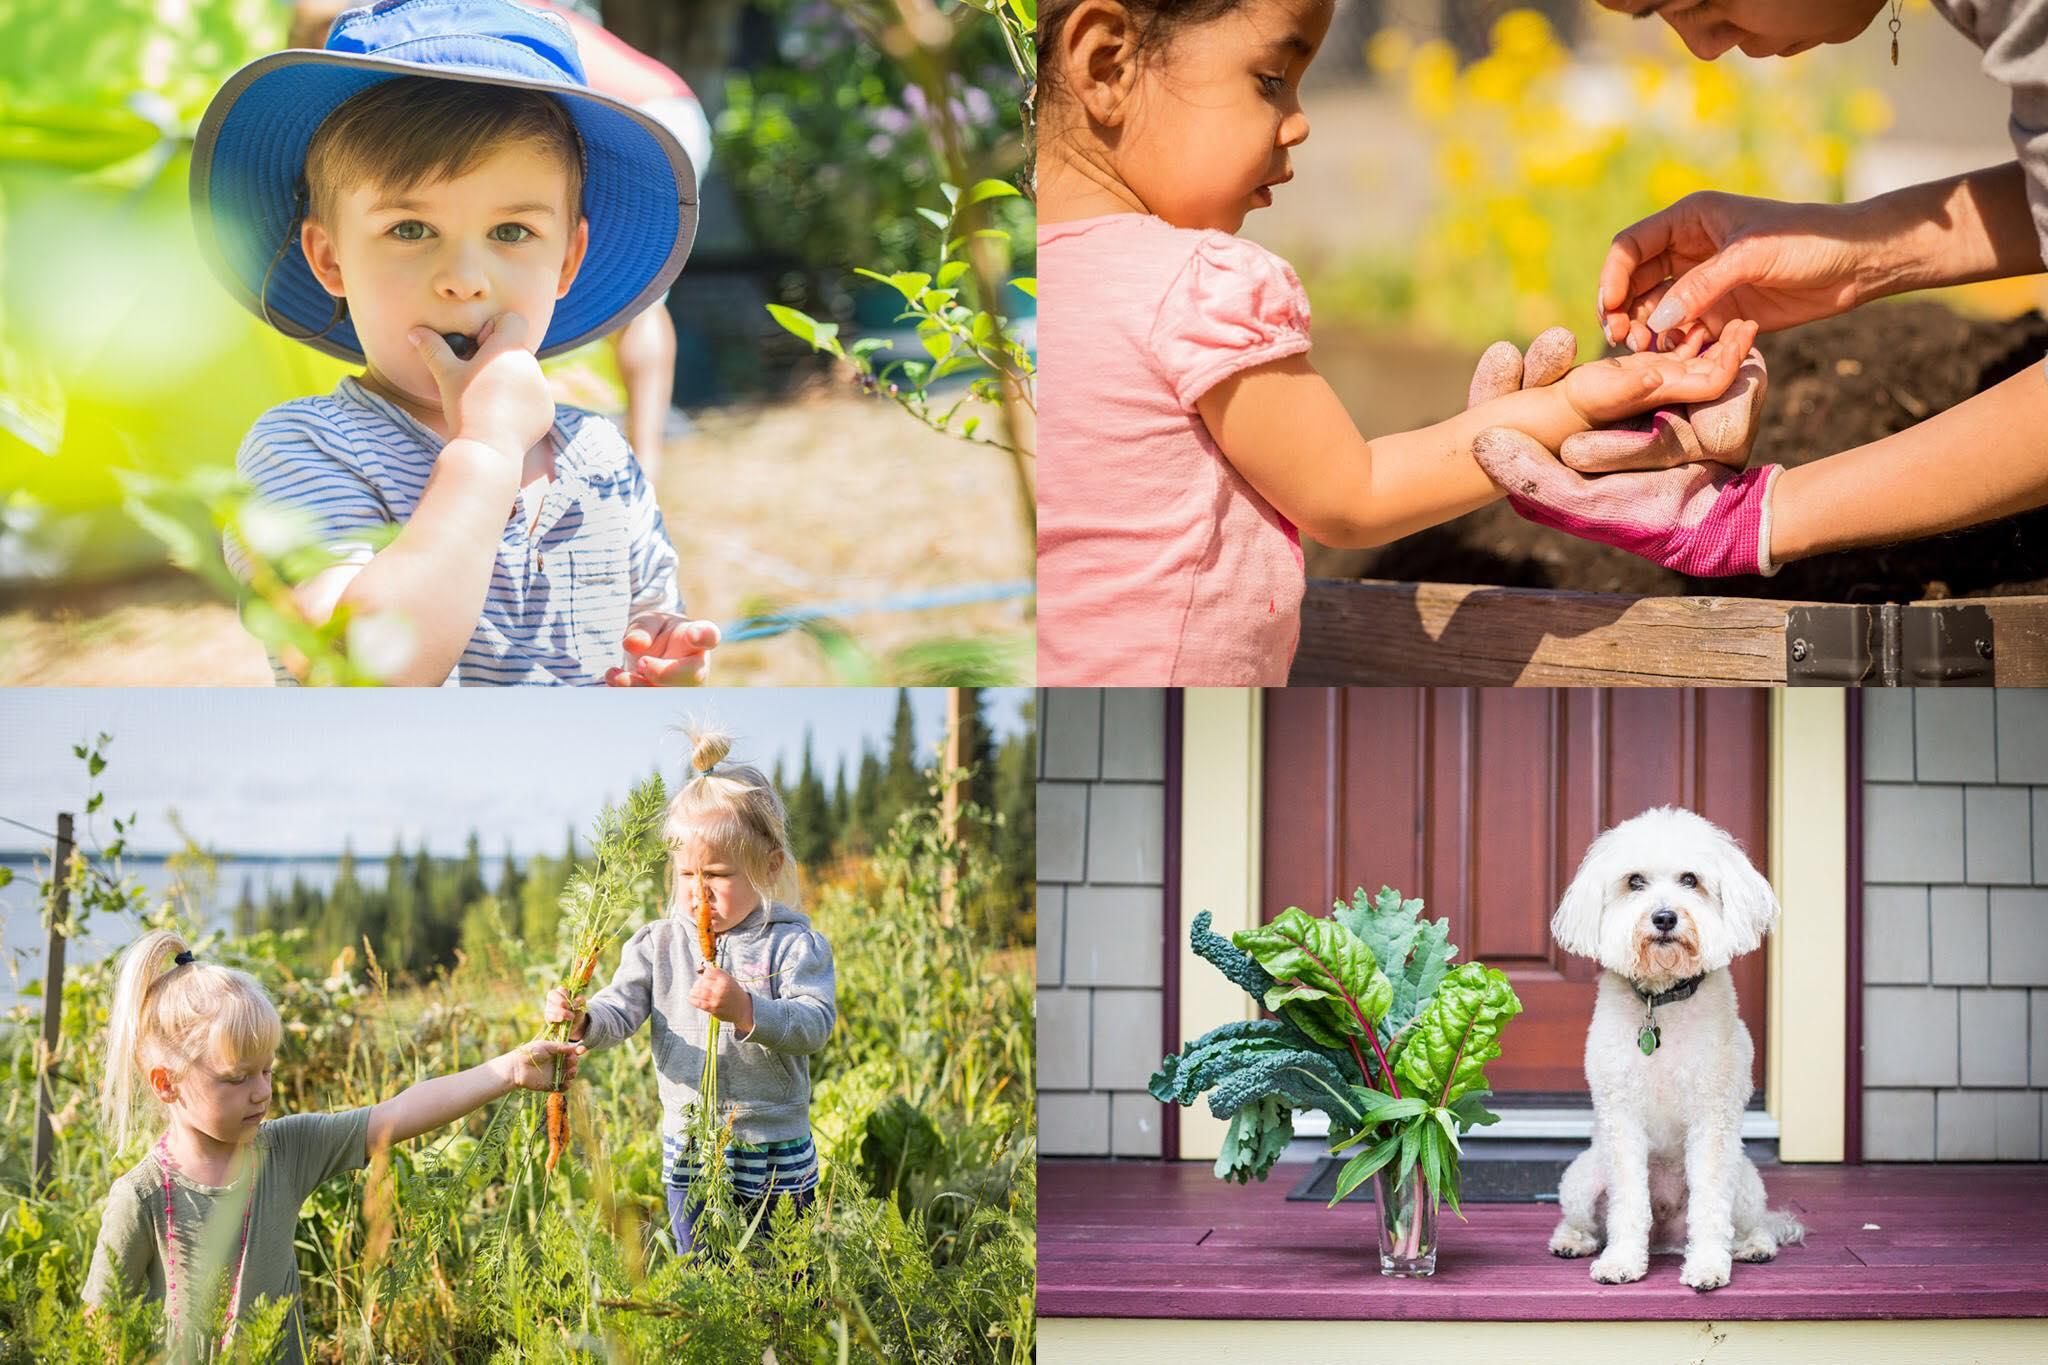 Cô gái xinh đẹp luôn tràn ngập năng lượng hạnh phúc khi trồng cả khu vườn toàn rau quả sạch-14